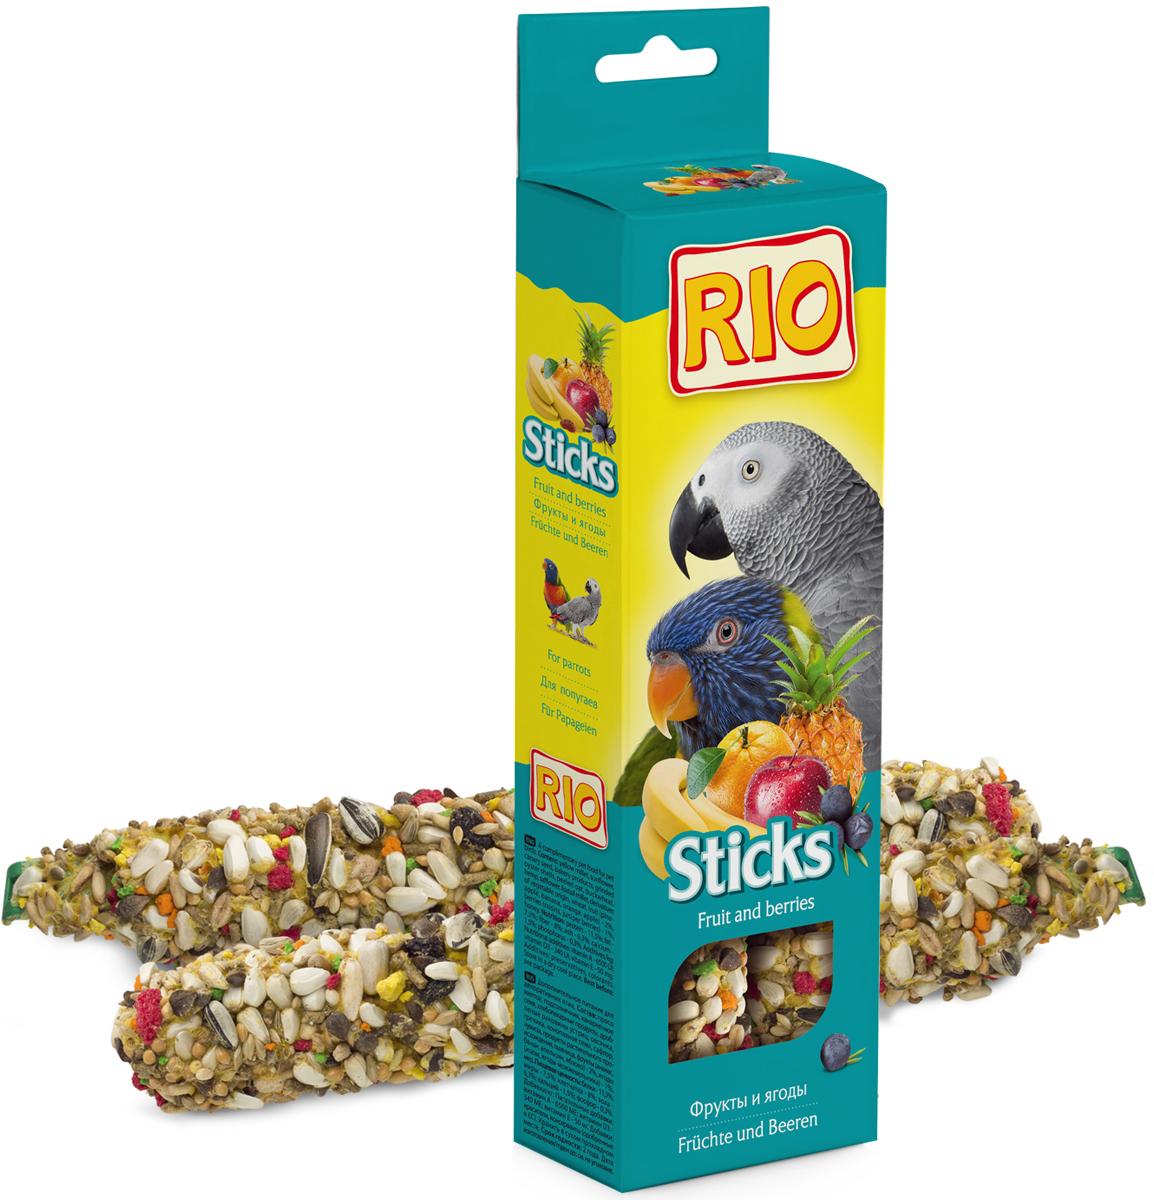 Палочки для попугаев Rio, с фруктами и я годами, 2х75 г56824Лакомство для попугаев с фруктами и ягодами. Дополнительное питание для декоративных птиц.